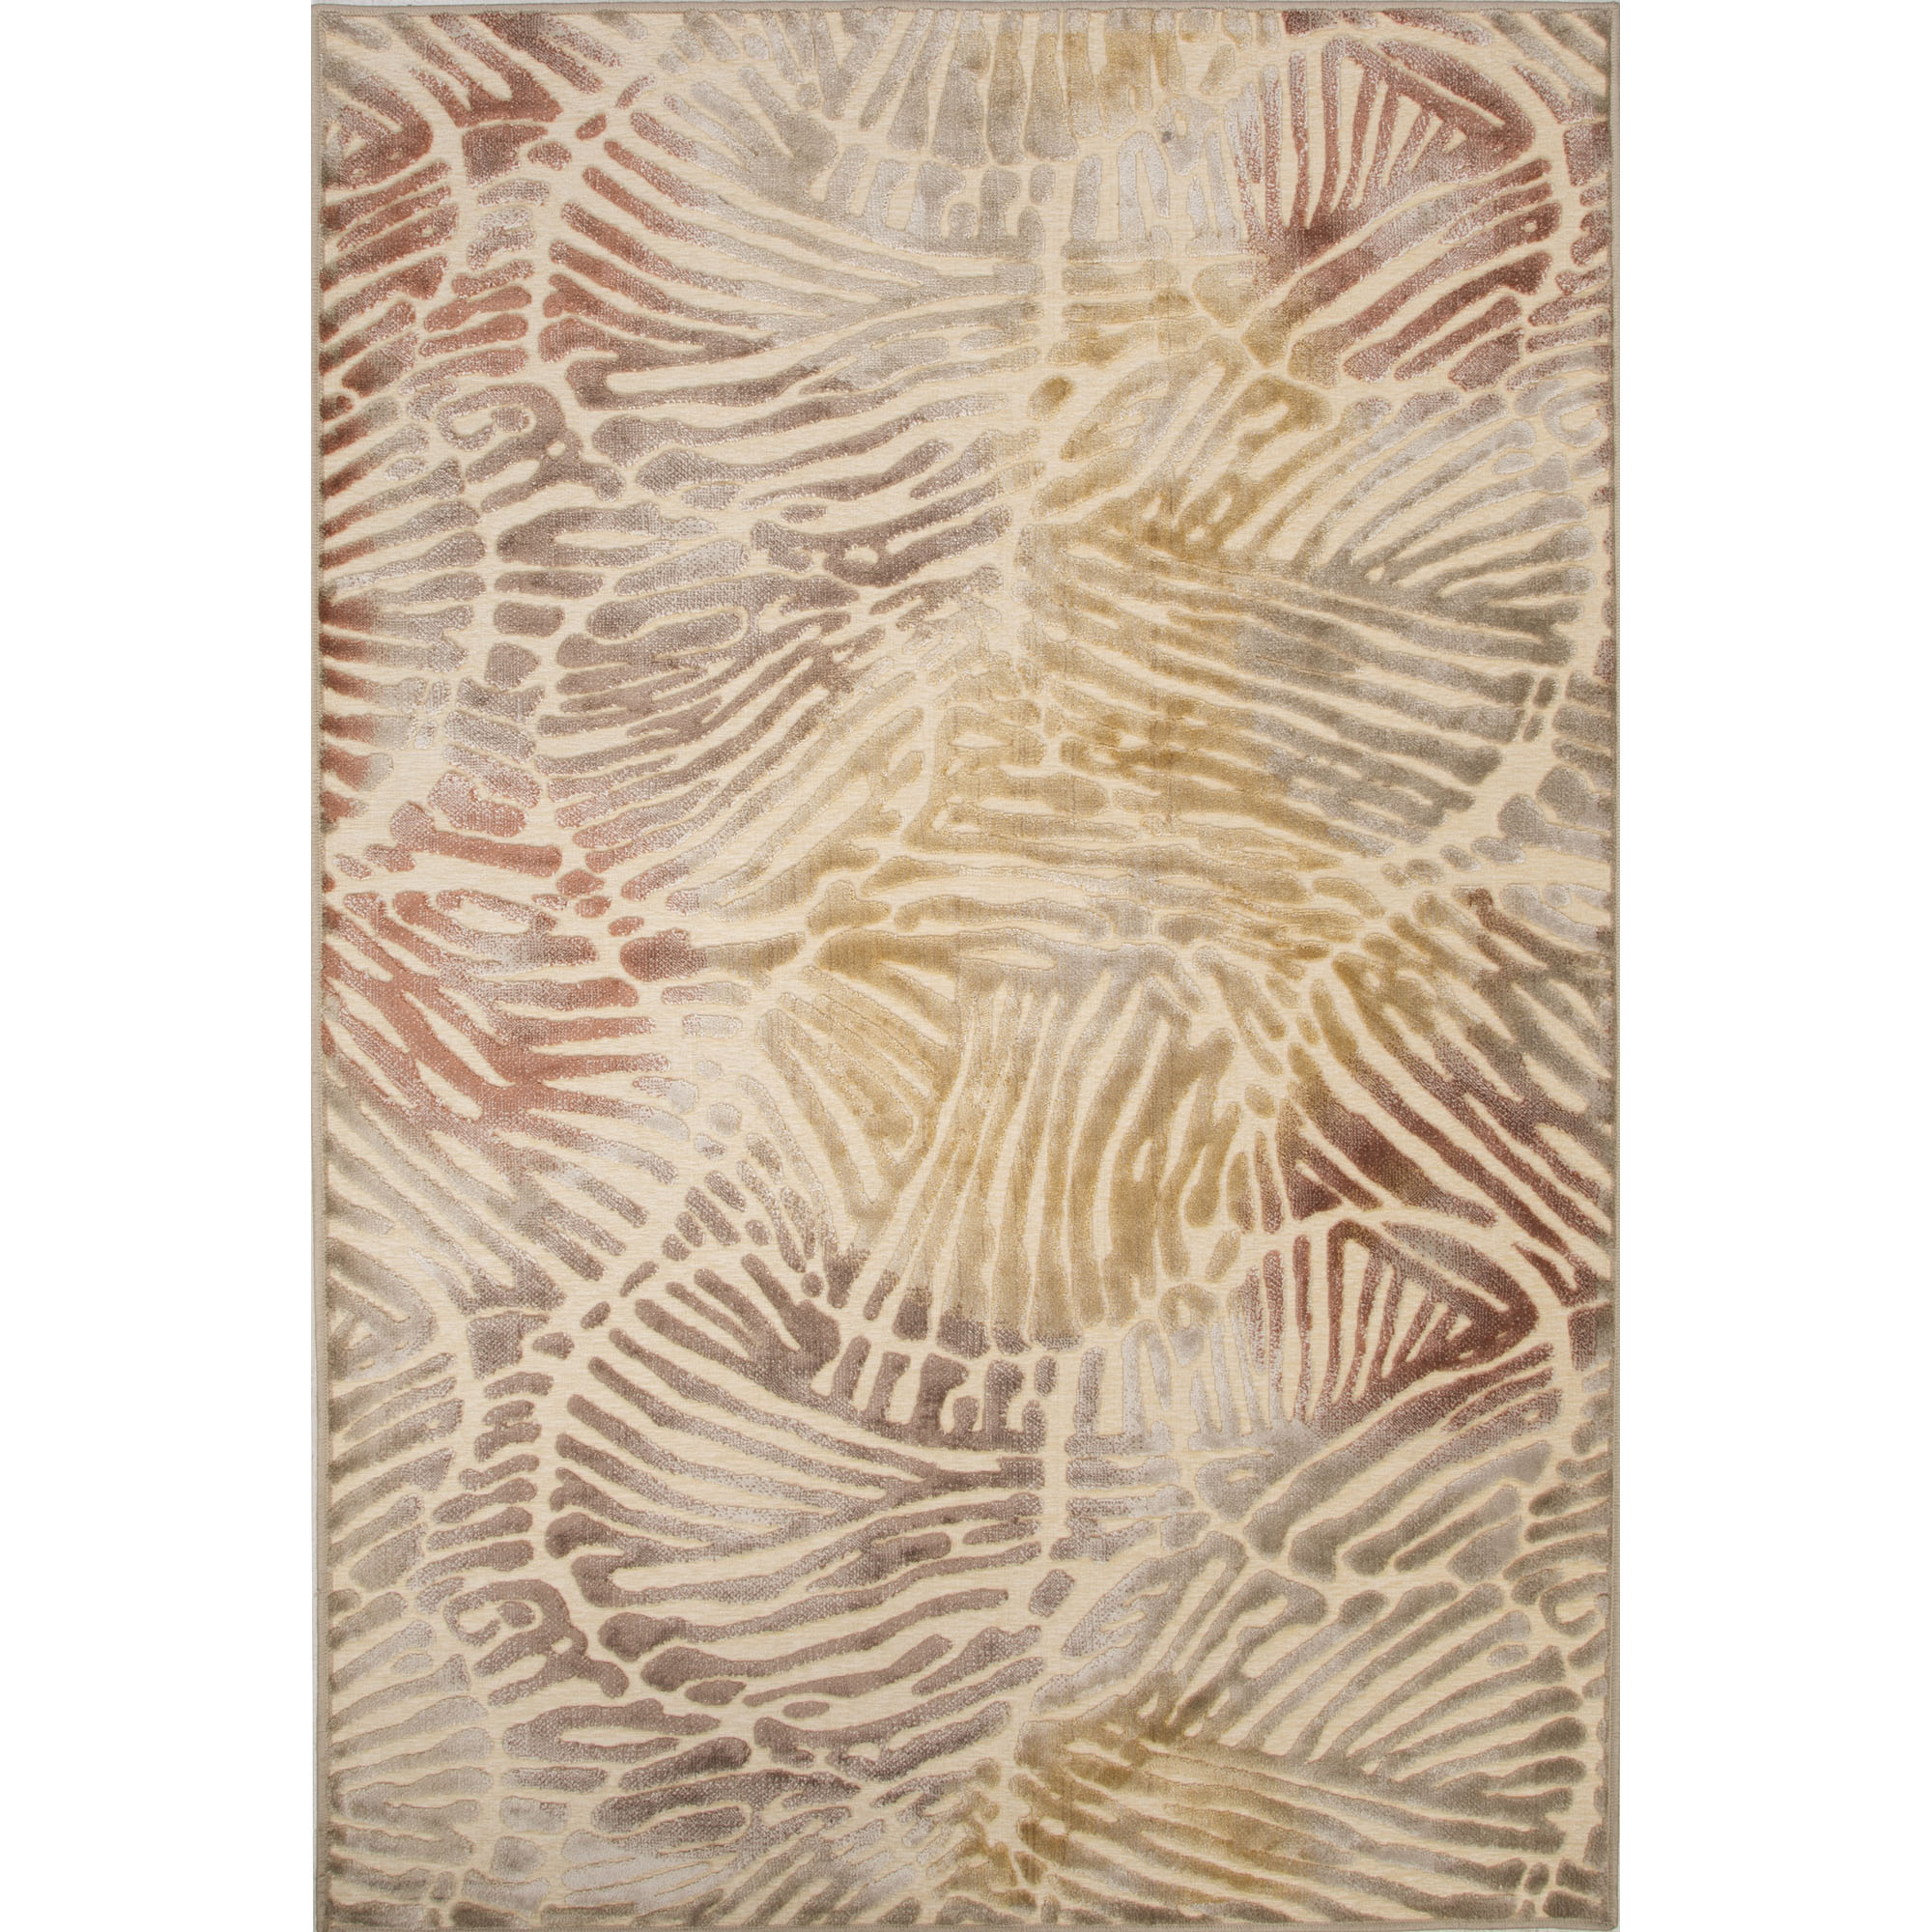 JAIPUR Rugs Harper 9.2 x 12.6 Rug - Item Number: RUG124660